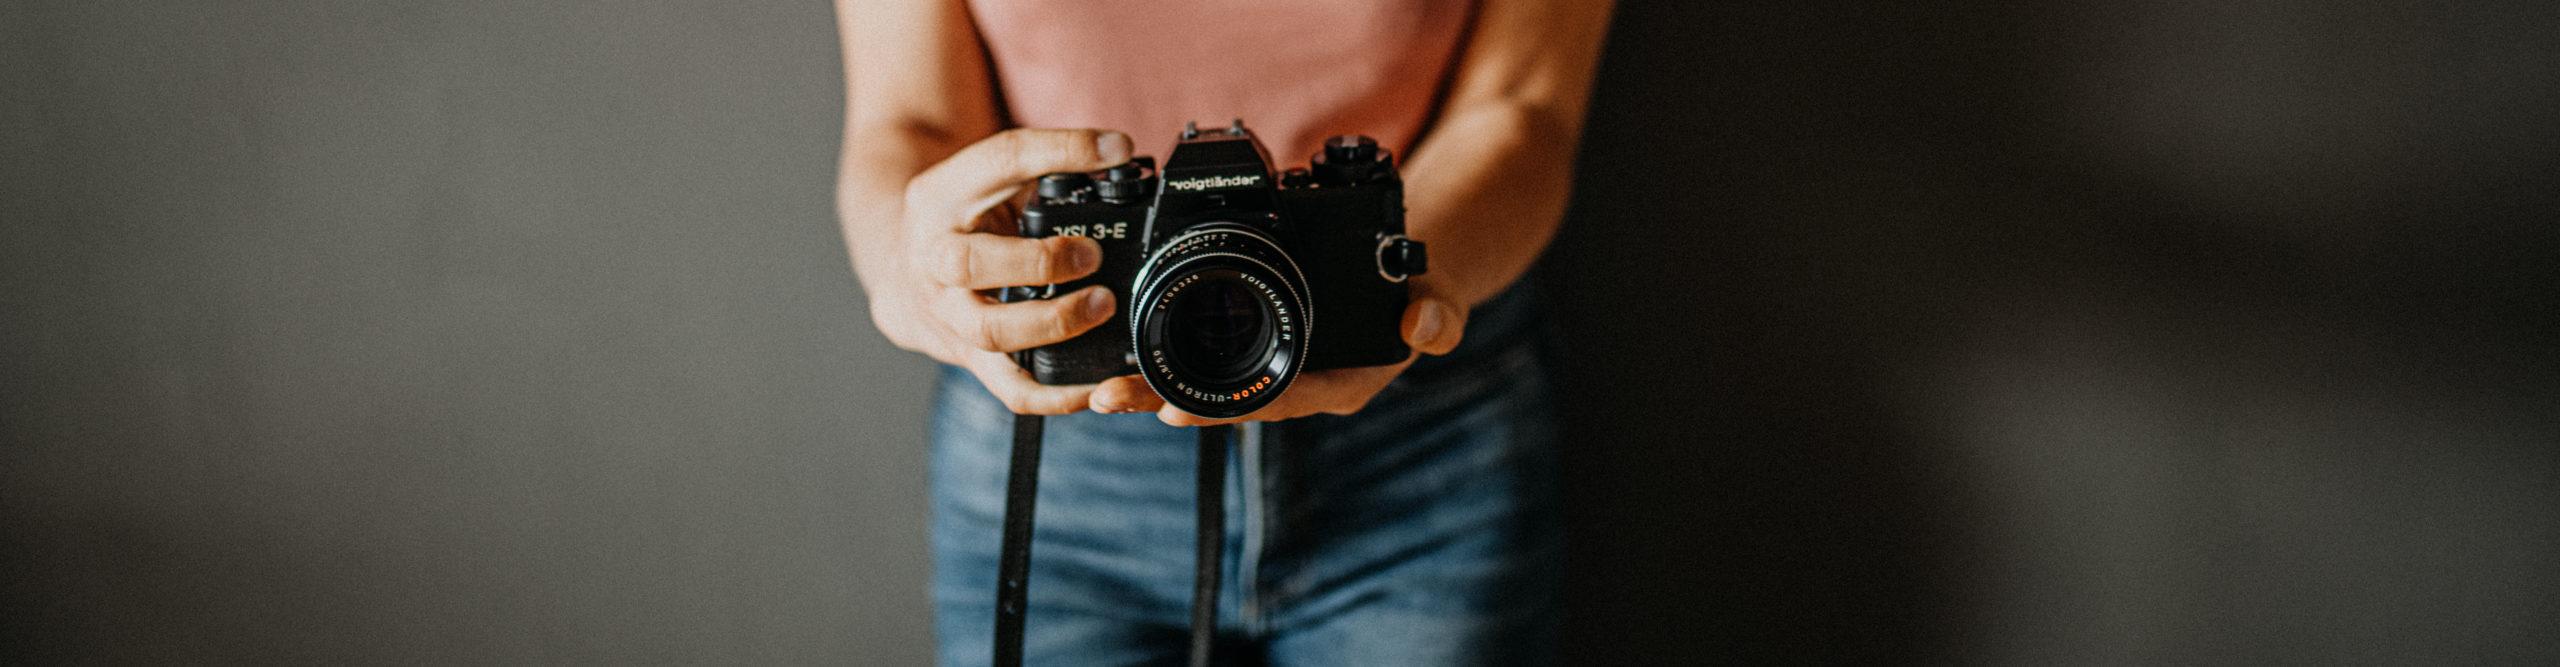 Familien- und Hochzeitsfotografin in Franken - Lisa Doneff - Lichtblicke Fotografie